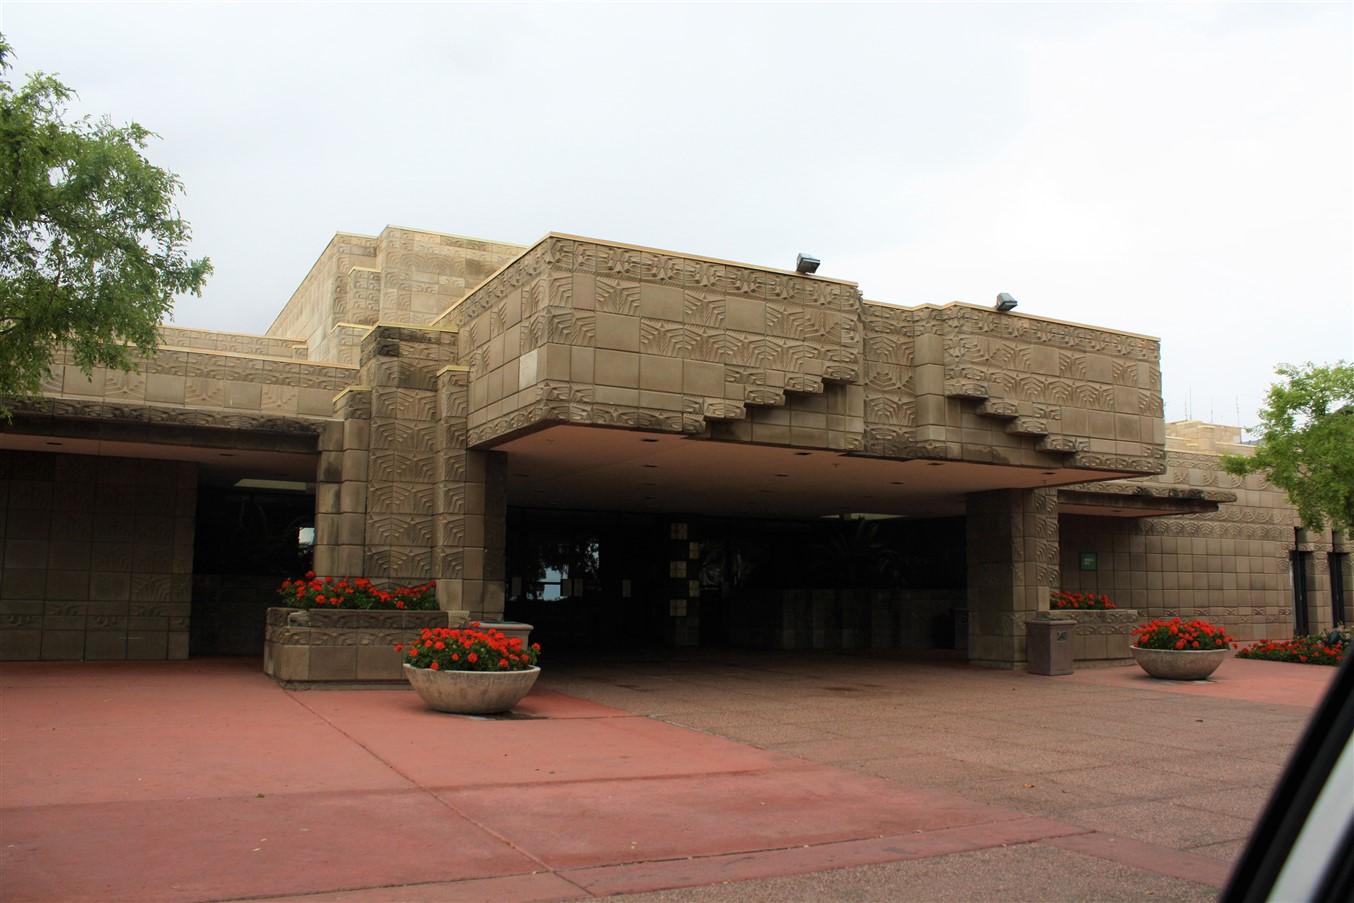 2012 03 18 110 Arizona Biltmore.jpg